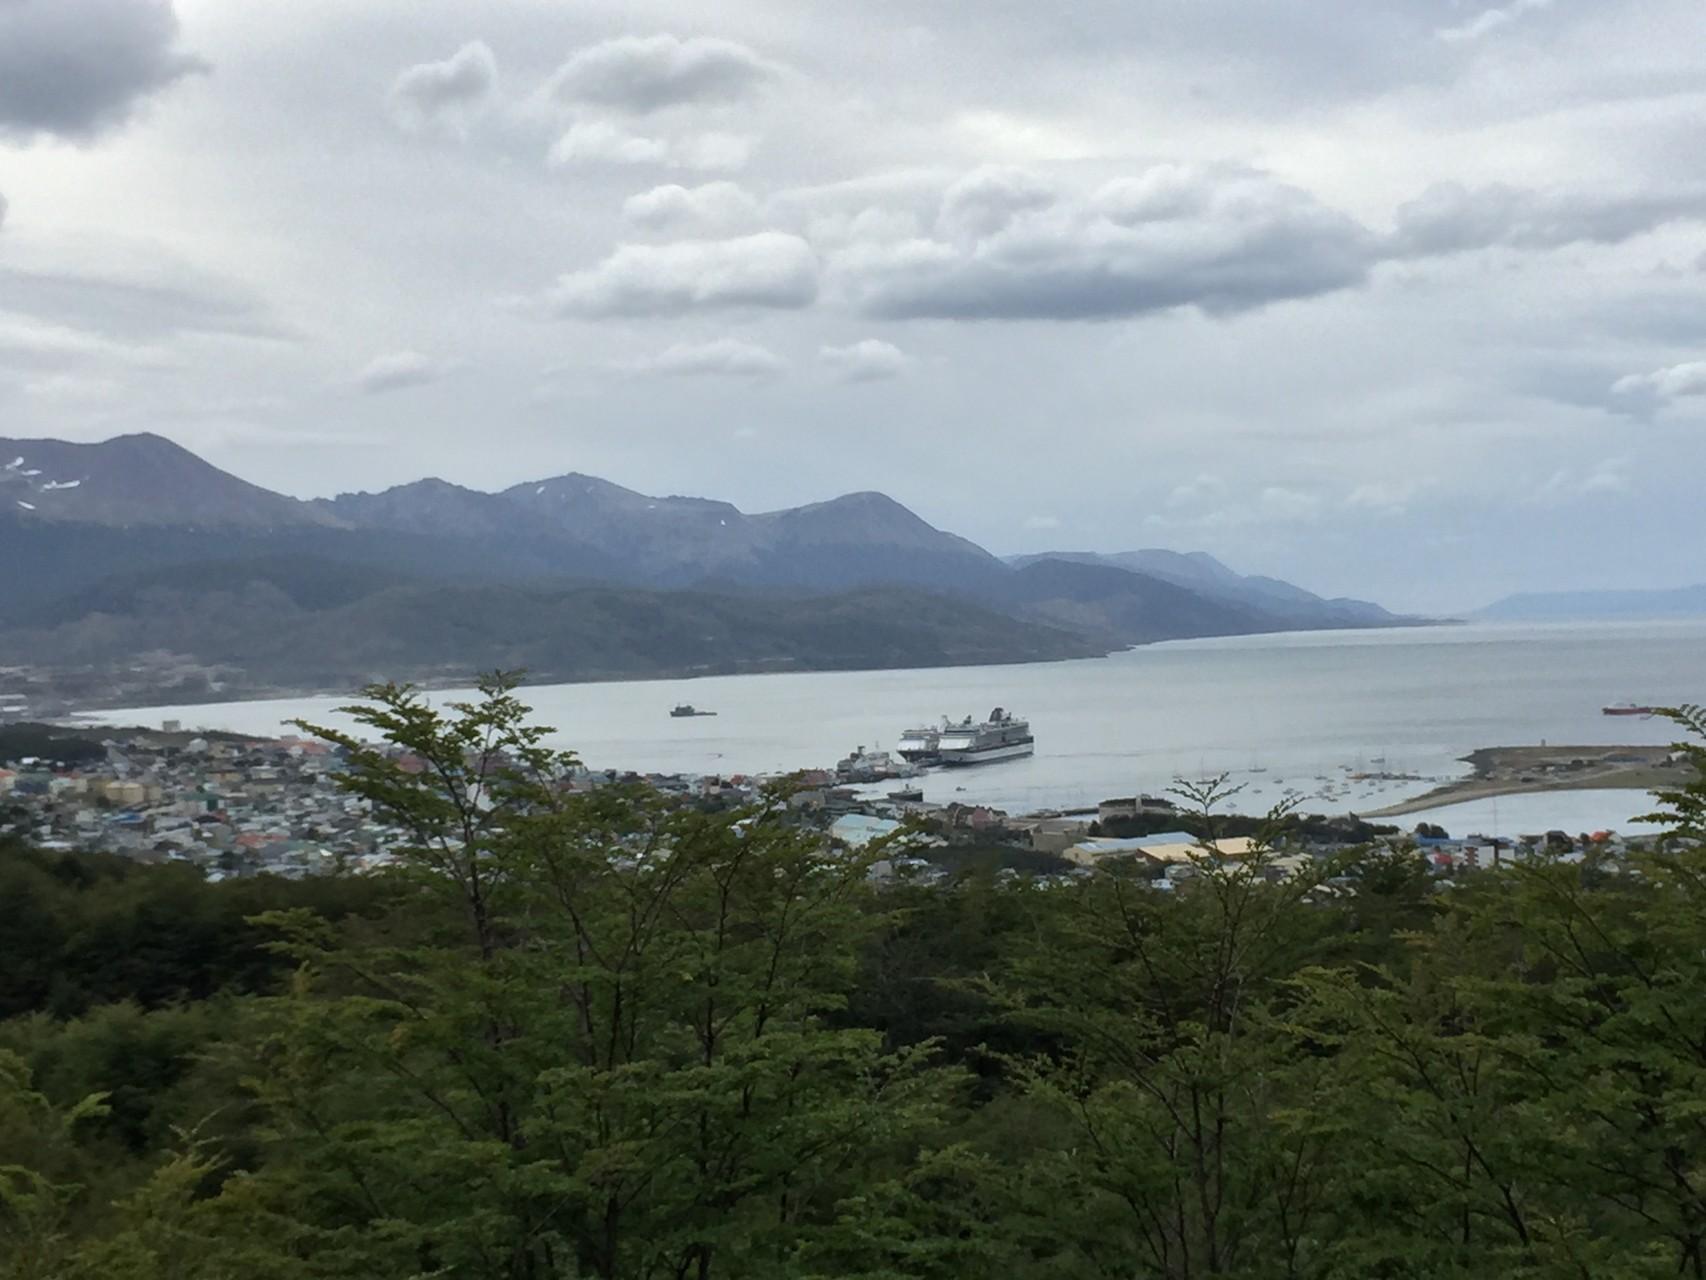 Der Hafen von Ushuaia mit Kreuzfahrtschiffen